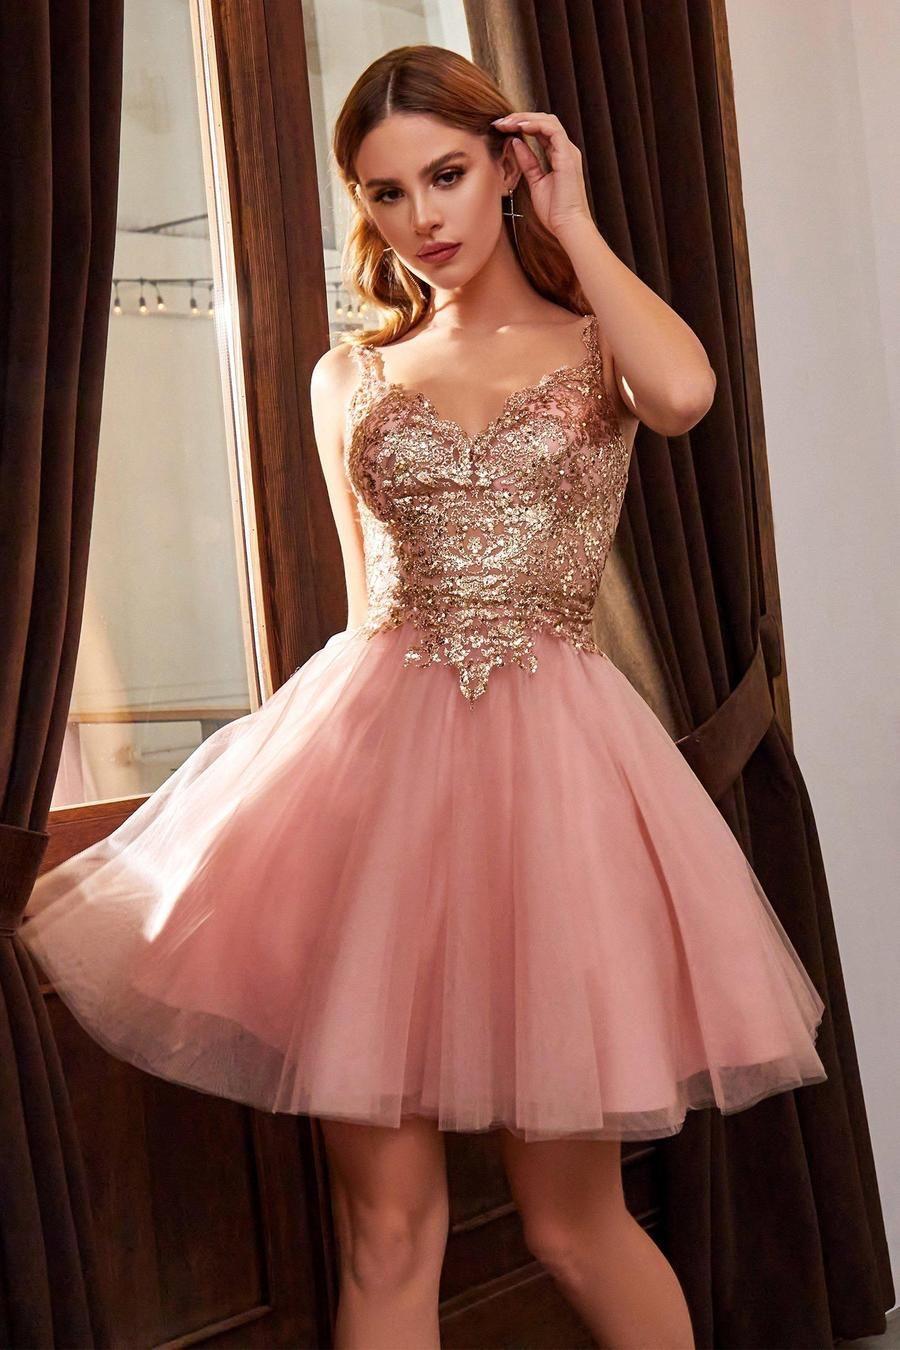 Embellished Short Tulle Dress By Cinderella Divine 9239 In 2021 Tulle Dress Short Rose Gold Dress Short Gold Dress Short [ 1350 x 900 Pixel ]